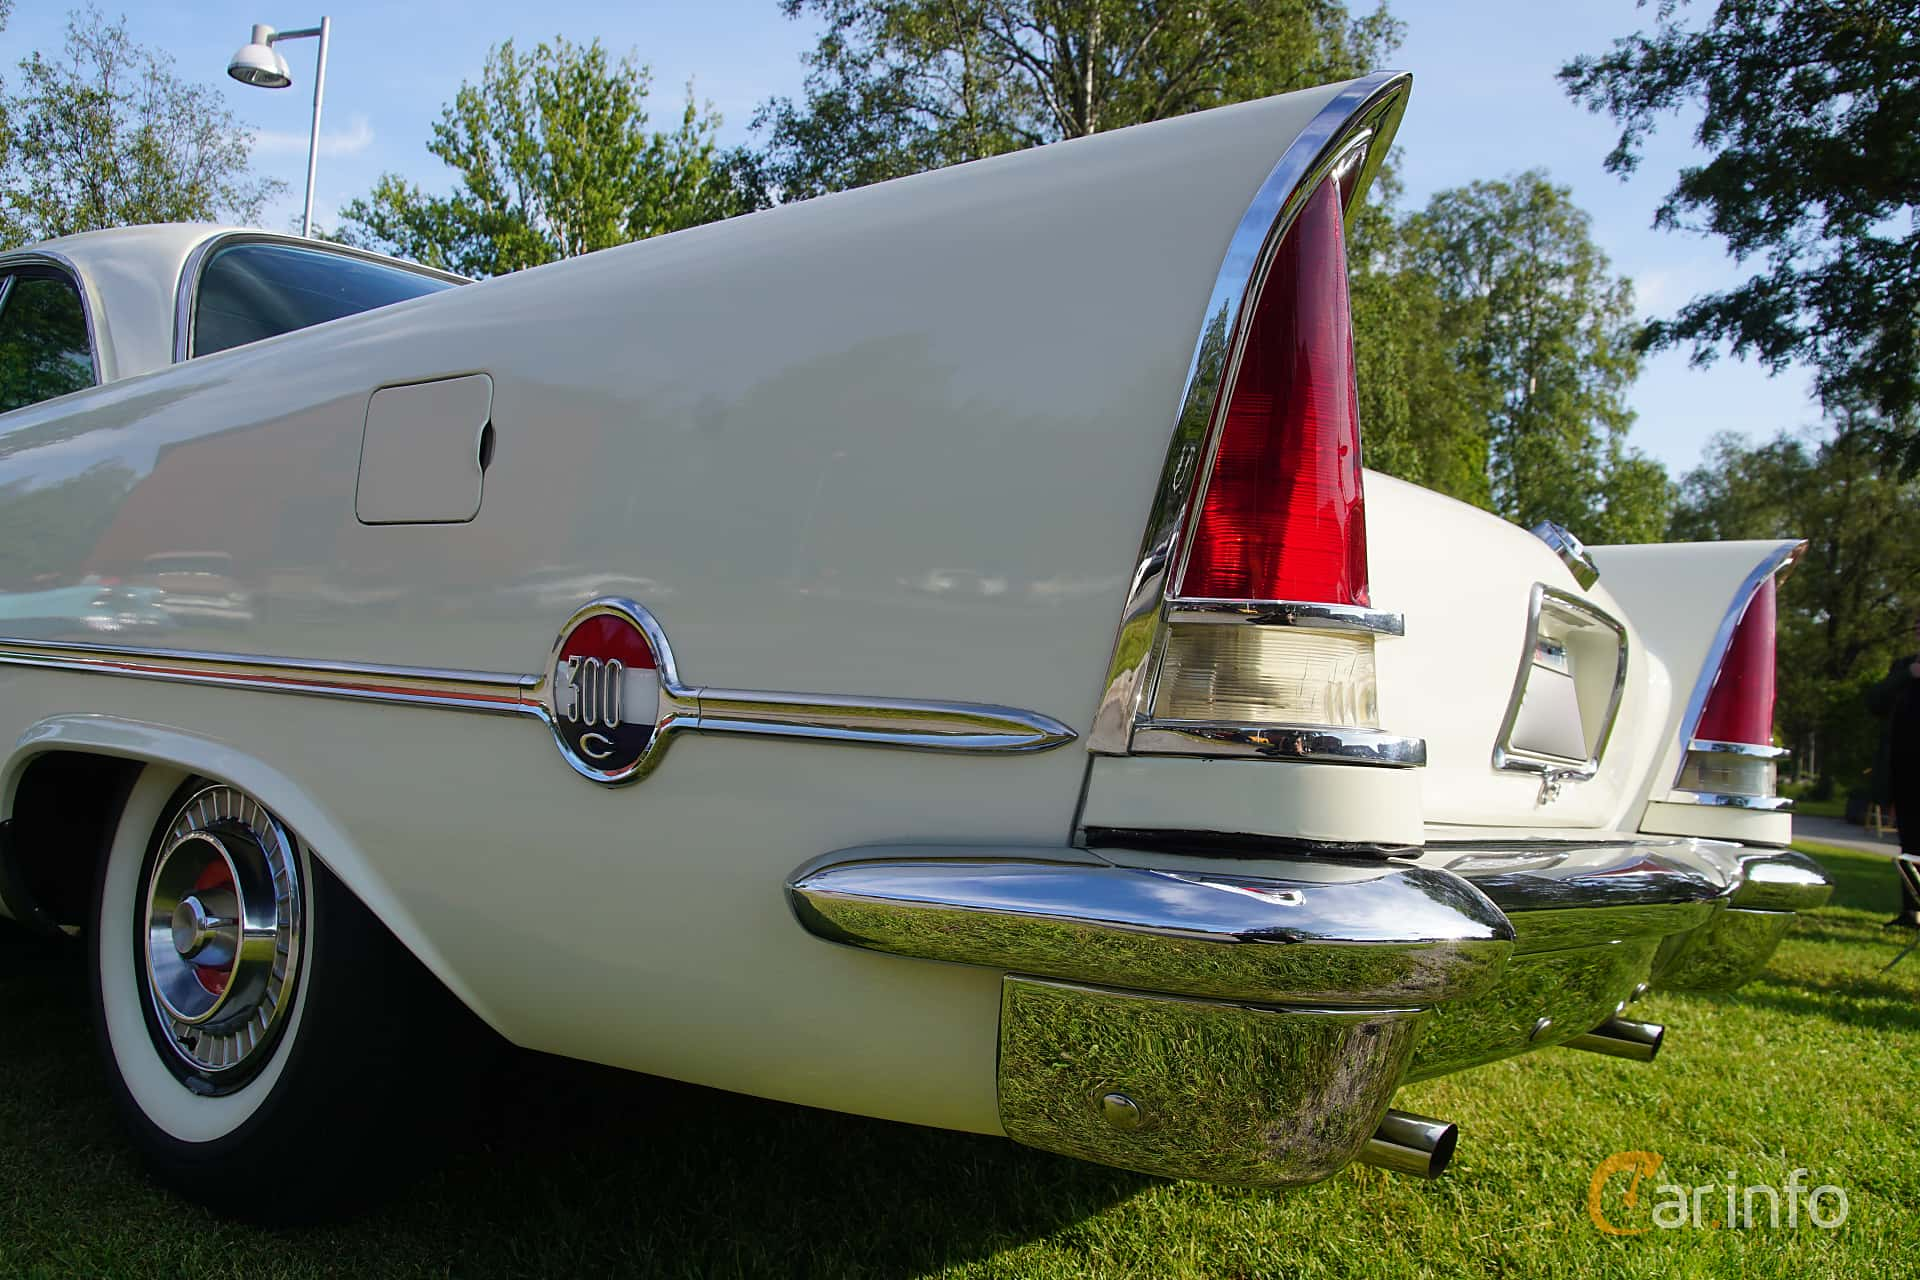 Chrysler 300C Hardtop 6.4 V8 TorqueFlite, 396hp, 1957 at Onsdagsträffar på Gammlia Umeå 2019 vecka 28